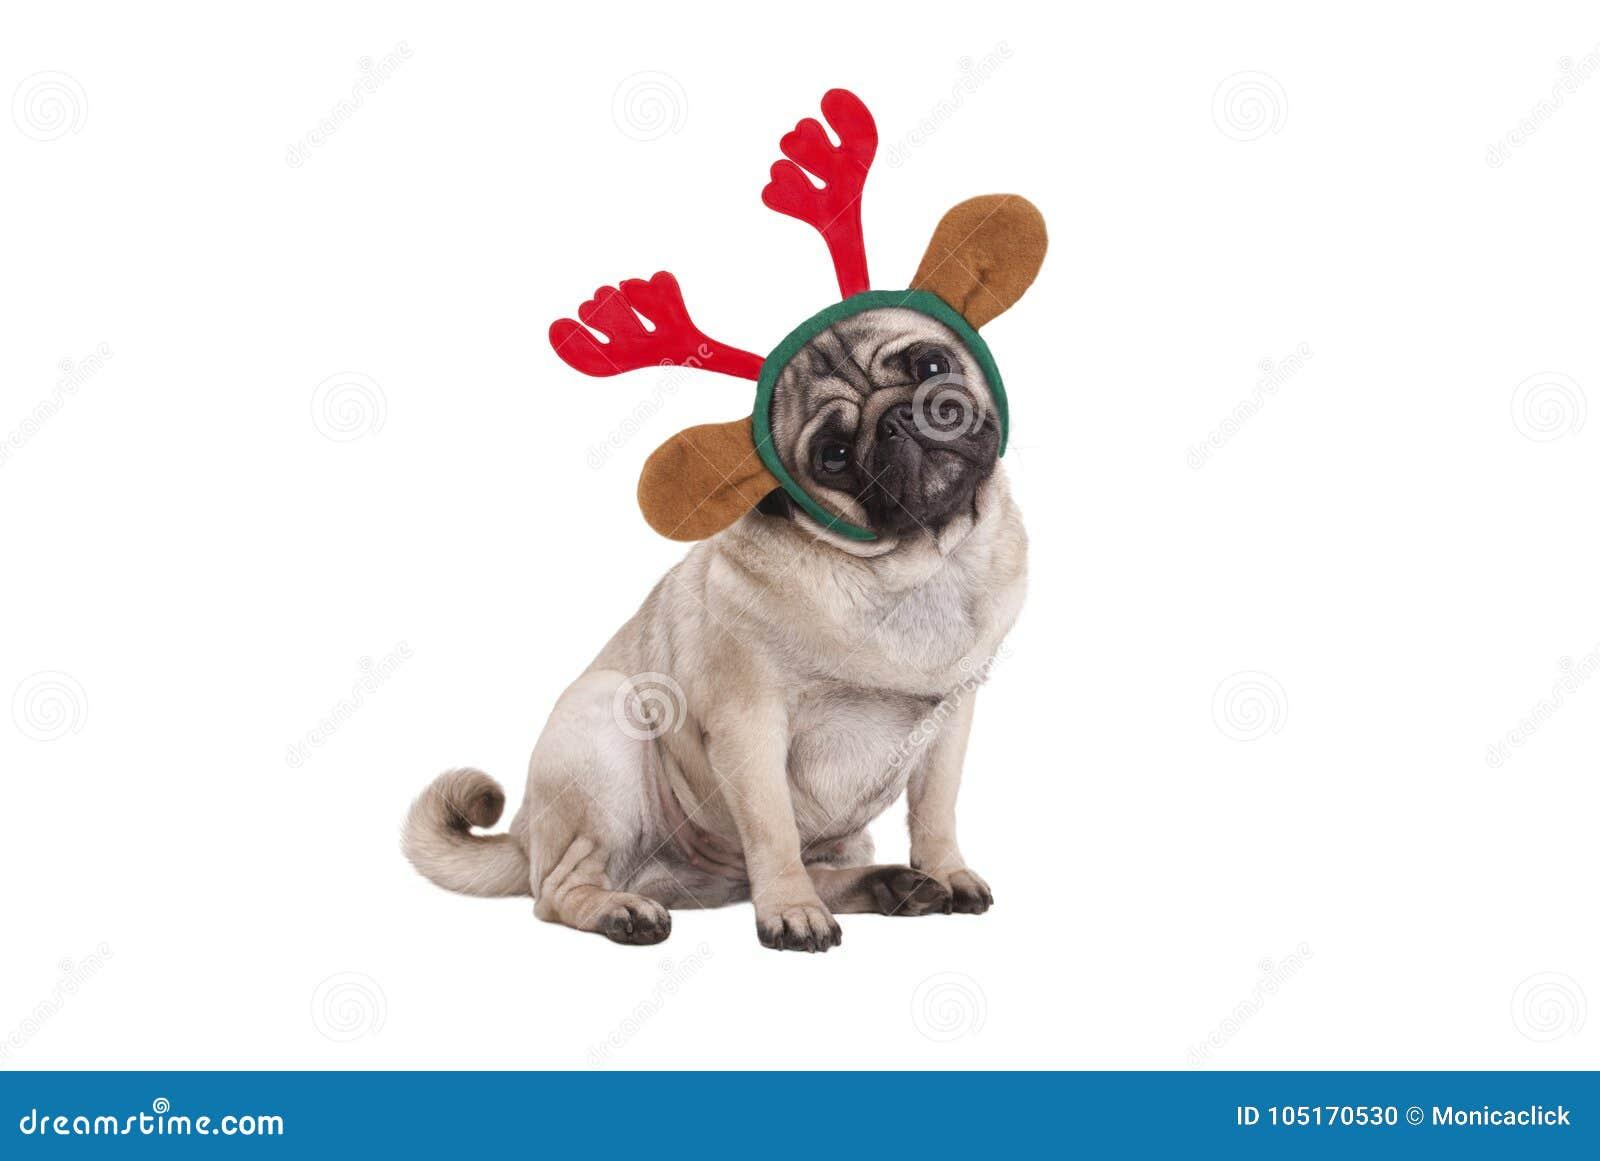 Perro de perrito divertido del barro amasado de la Navidad que se sienta, diadema de las astas del reno que lleva